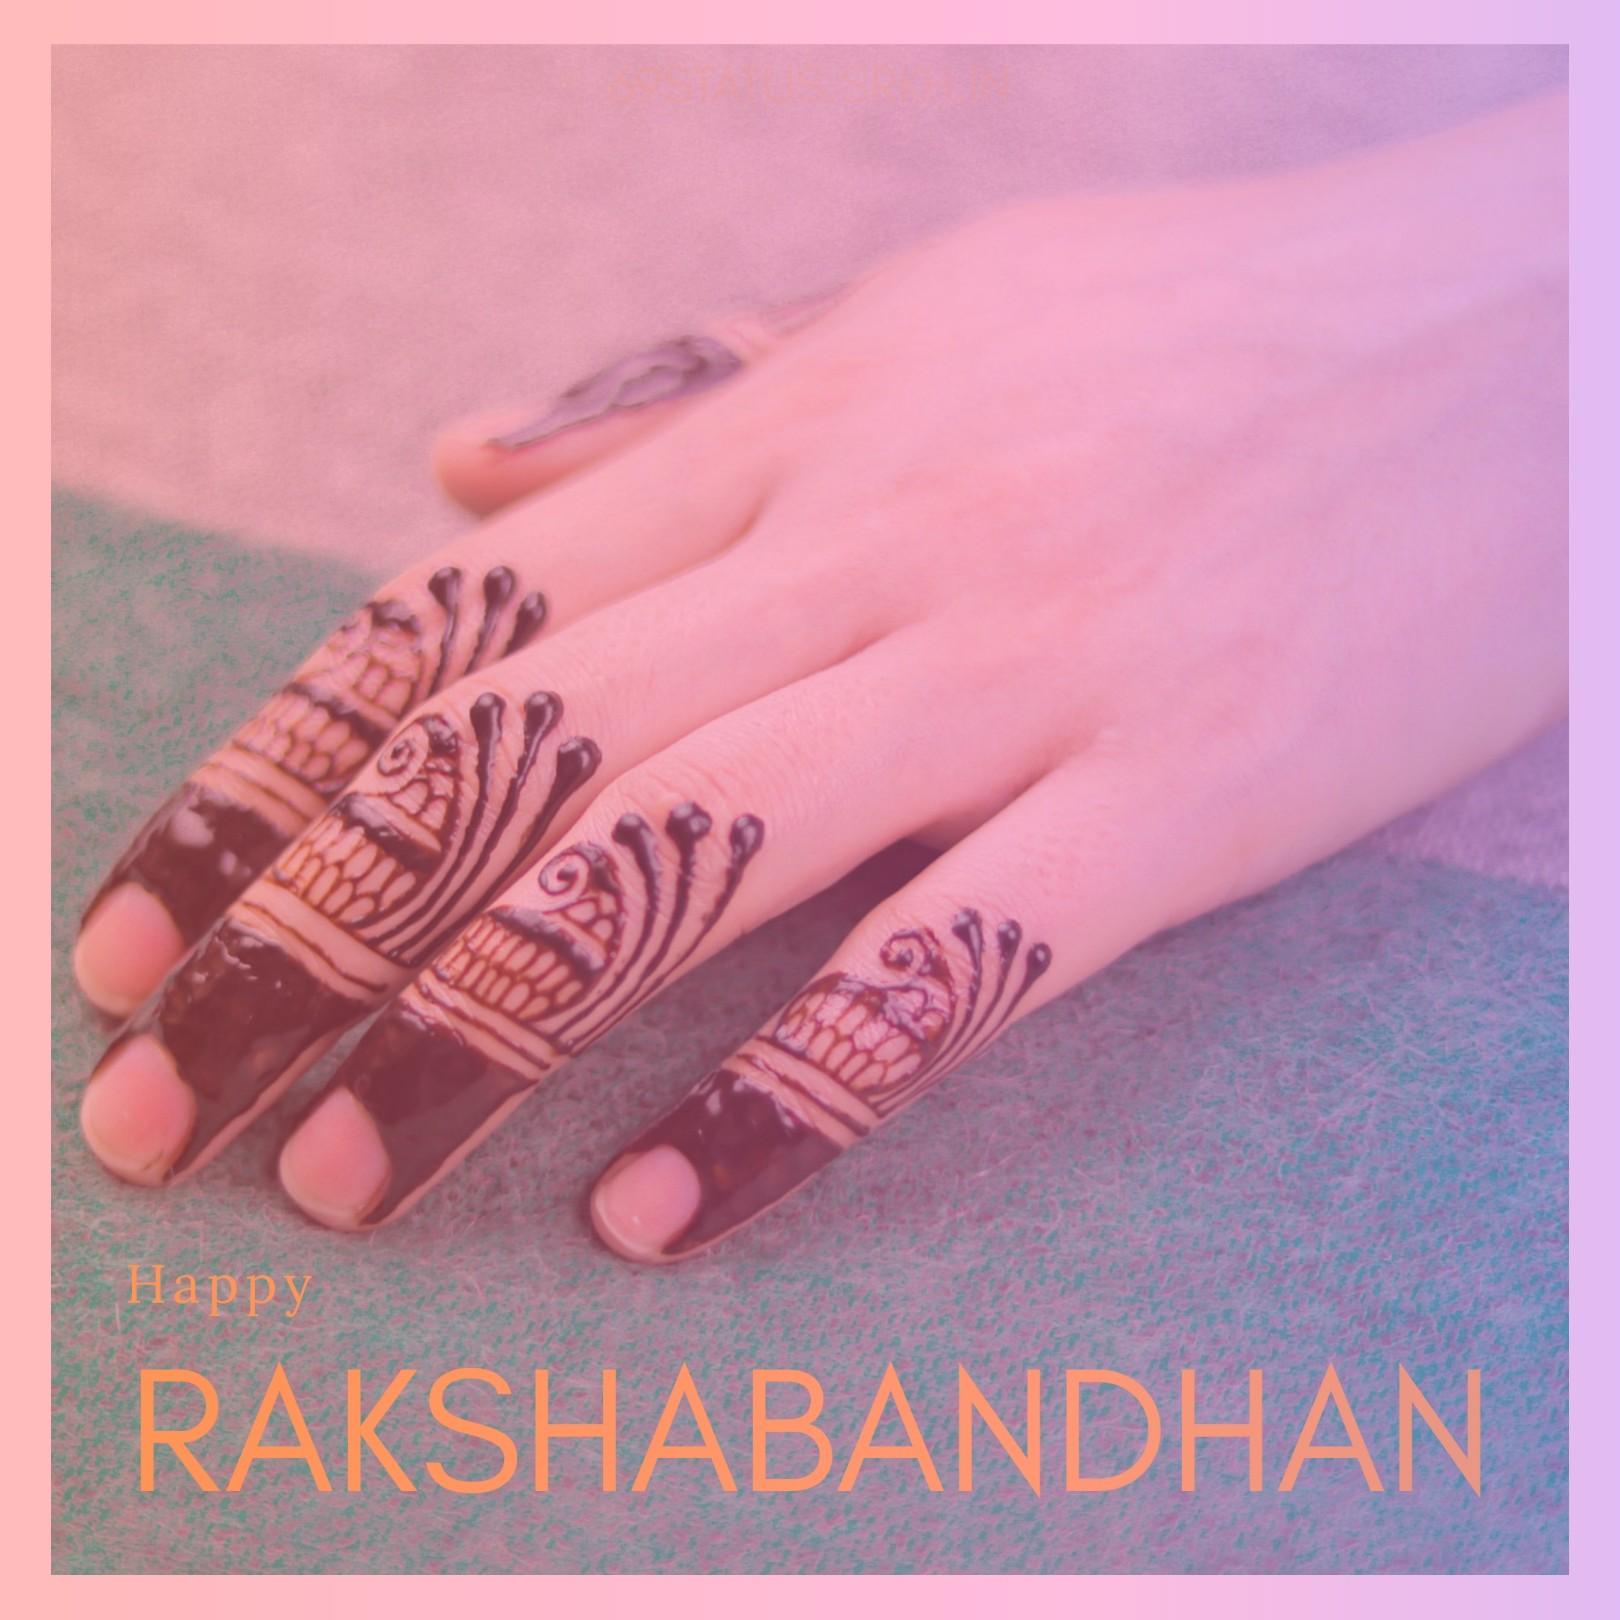 Raksha Bandhan Mehendi Images full HD free download.